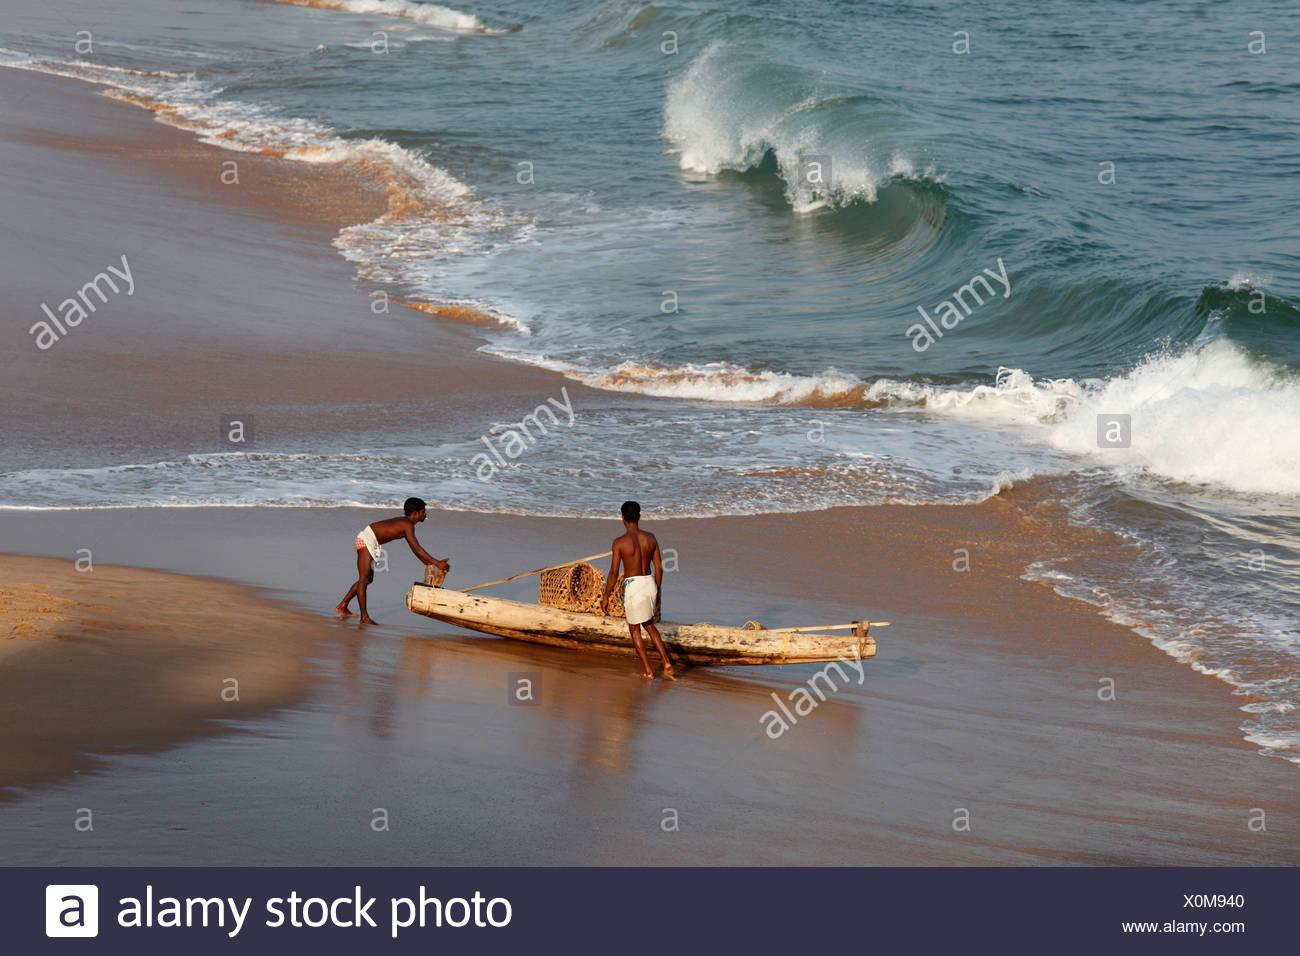 Deux sections locales d'un simple bateau de pêche sur une plage au sud de Kovalam, côte de Malabar, Malabar, Kerala, Inde du Sud, Inde, Asie Photo Stock